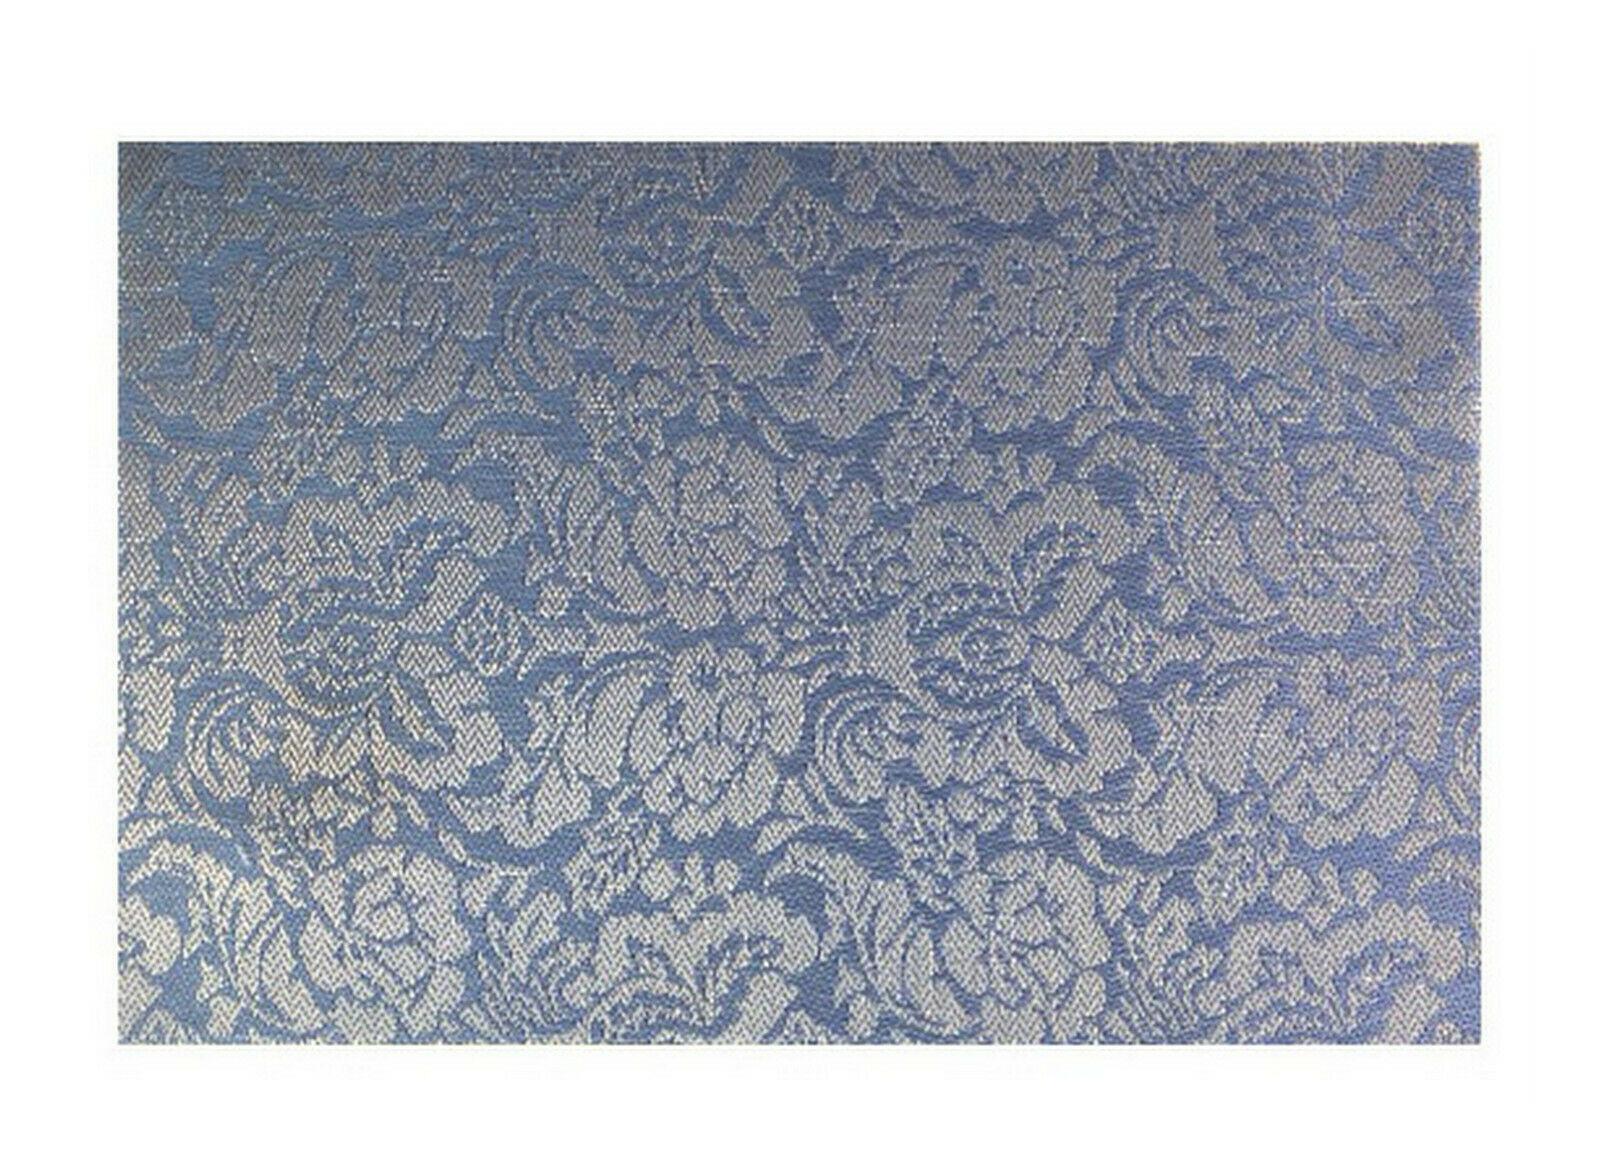 Tischset Platzdeckchen Platzset 45x30 cm abwaschbar Kunststoff PVC versch. Motiv - Blumen Design (Blau-Silber)